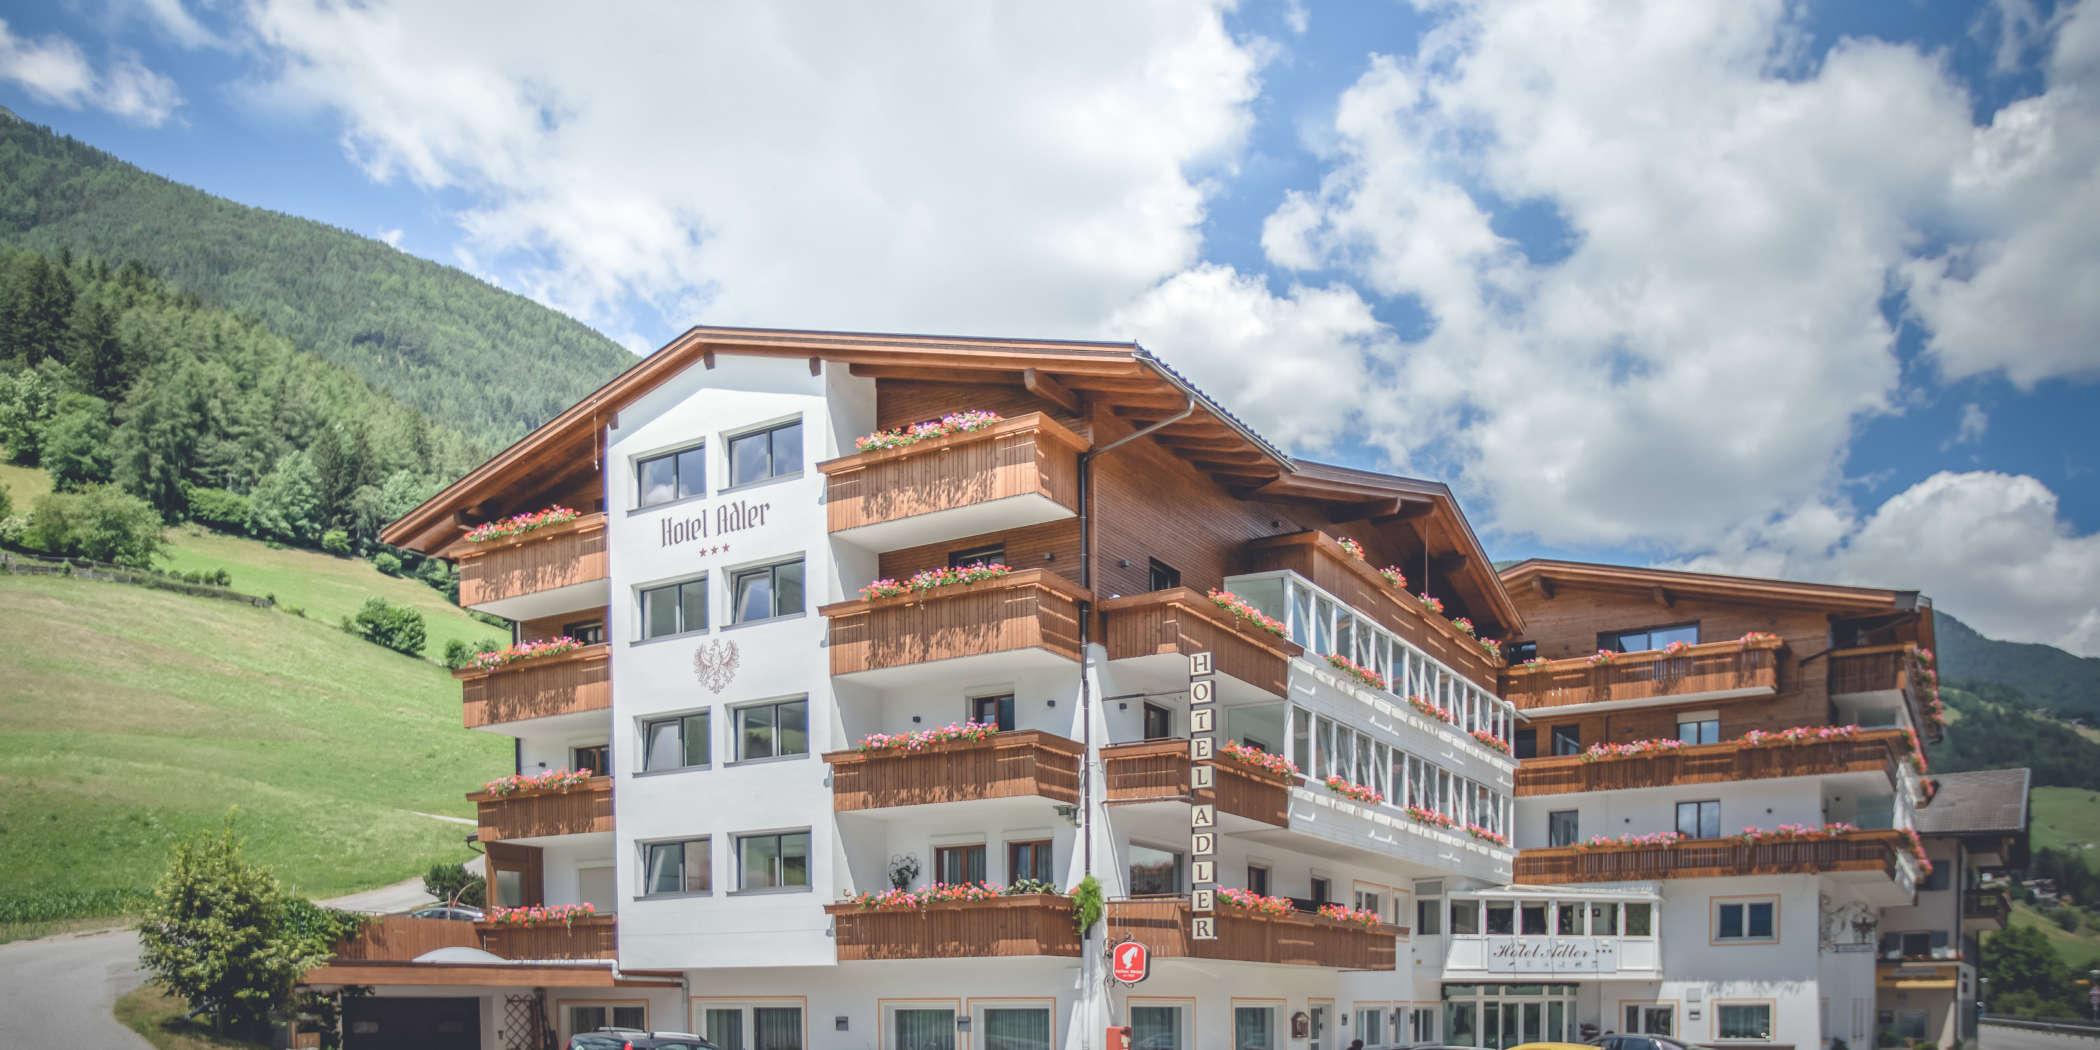 058 Hotel Adler © Kottersteger 180620 Kot 2511 Bearbeitet